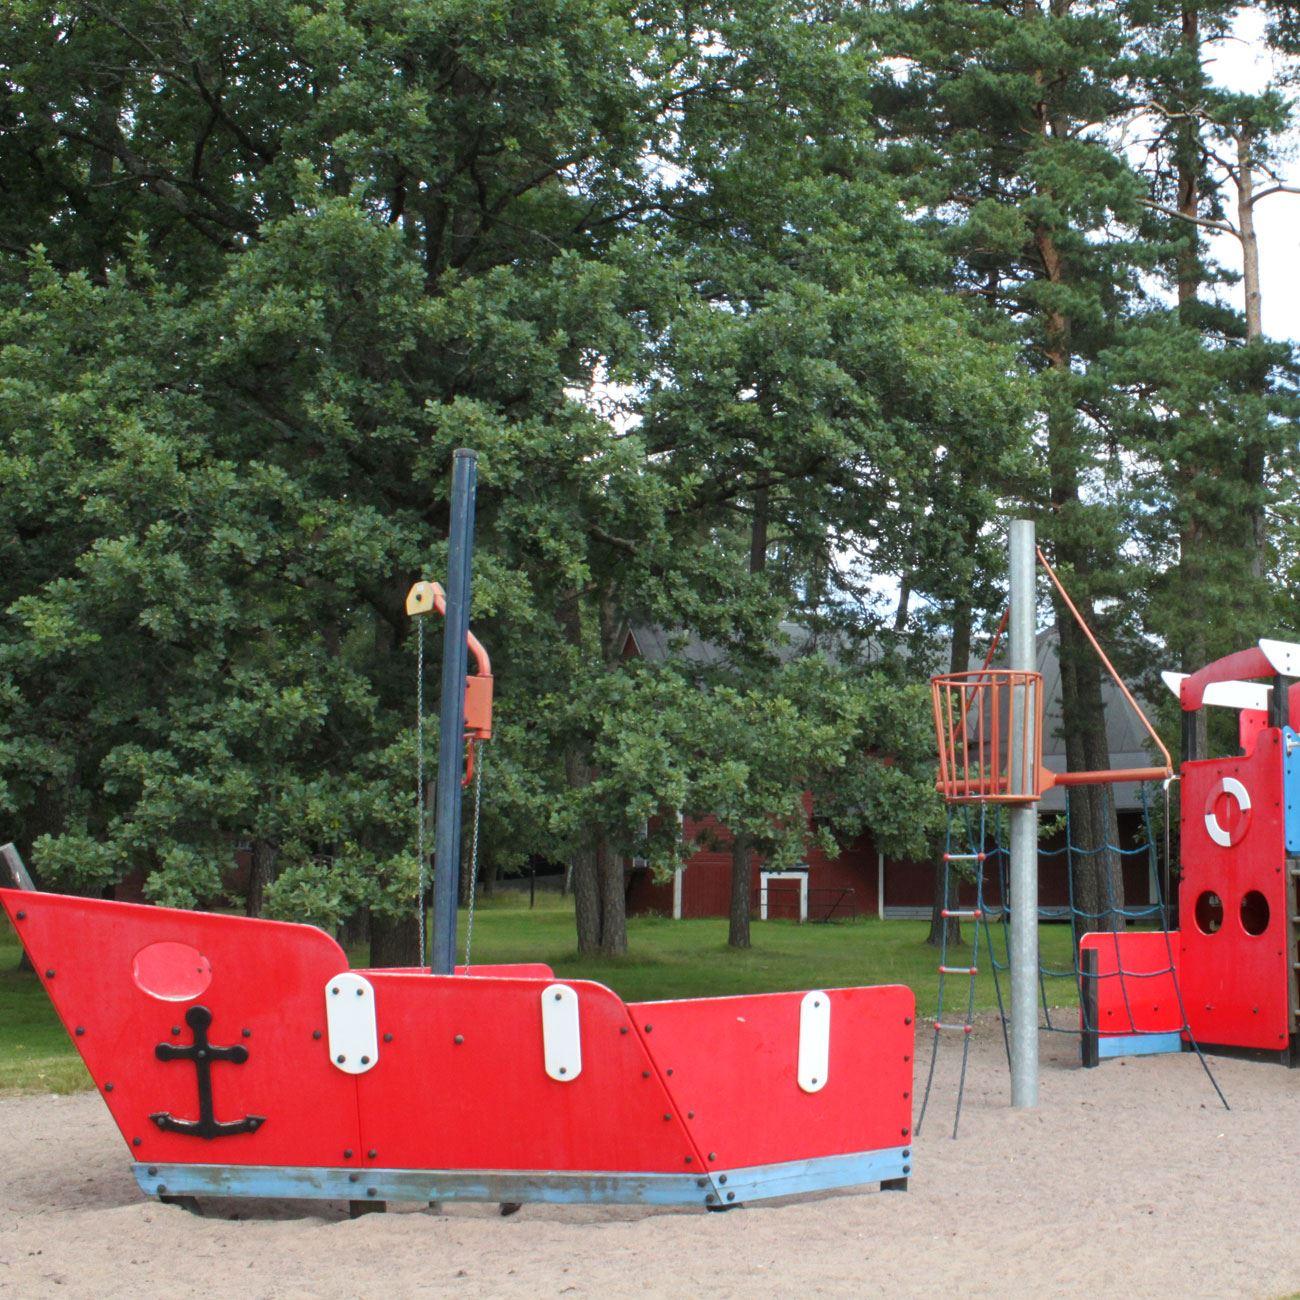 Foto: Värnamo Näringsliv AB,  © Värnamo Näringsliv AB , I Folkets Park finns även en bra lekplats